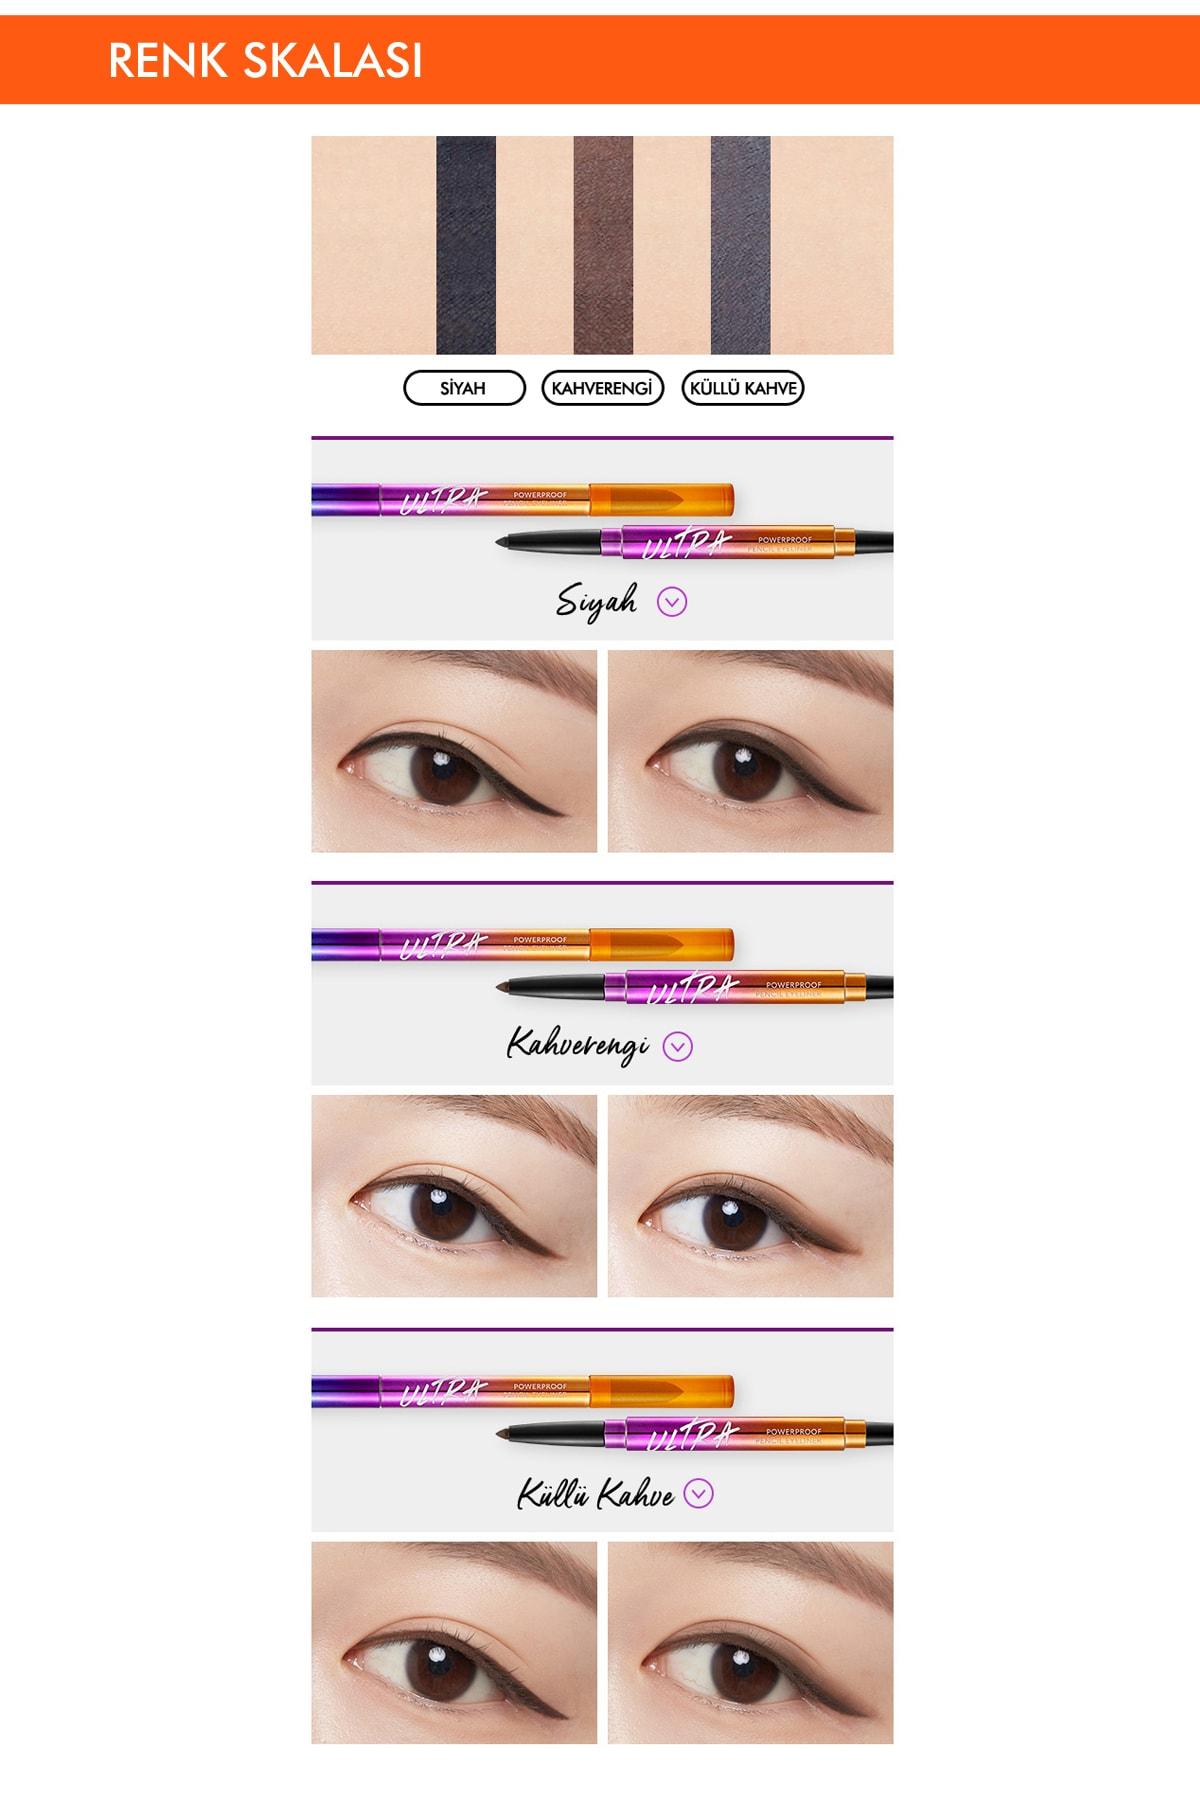 Missha Suya Dayanıklı Kalıcı Jel Göz Kalemi Ultra Powerproof Pencil Eyeliner [Black] 3